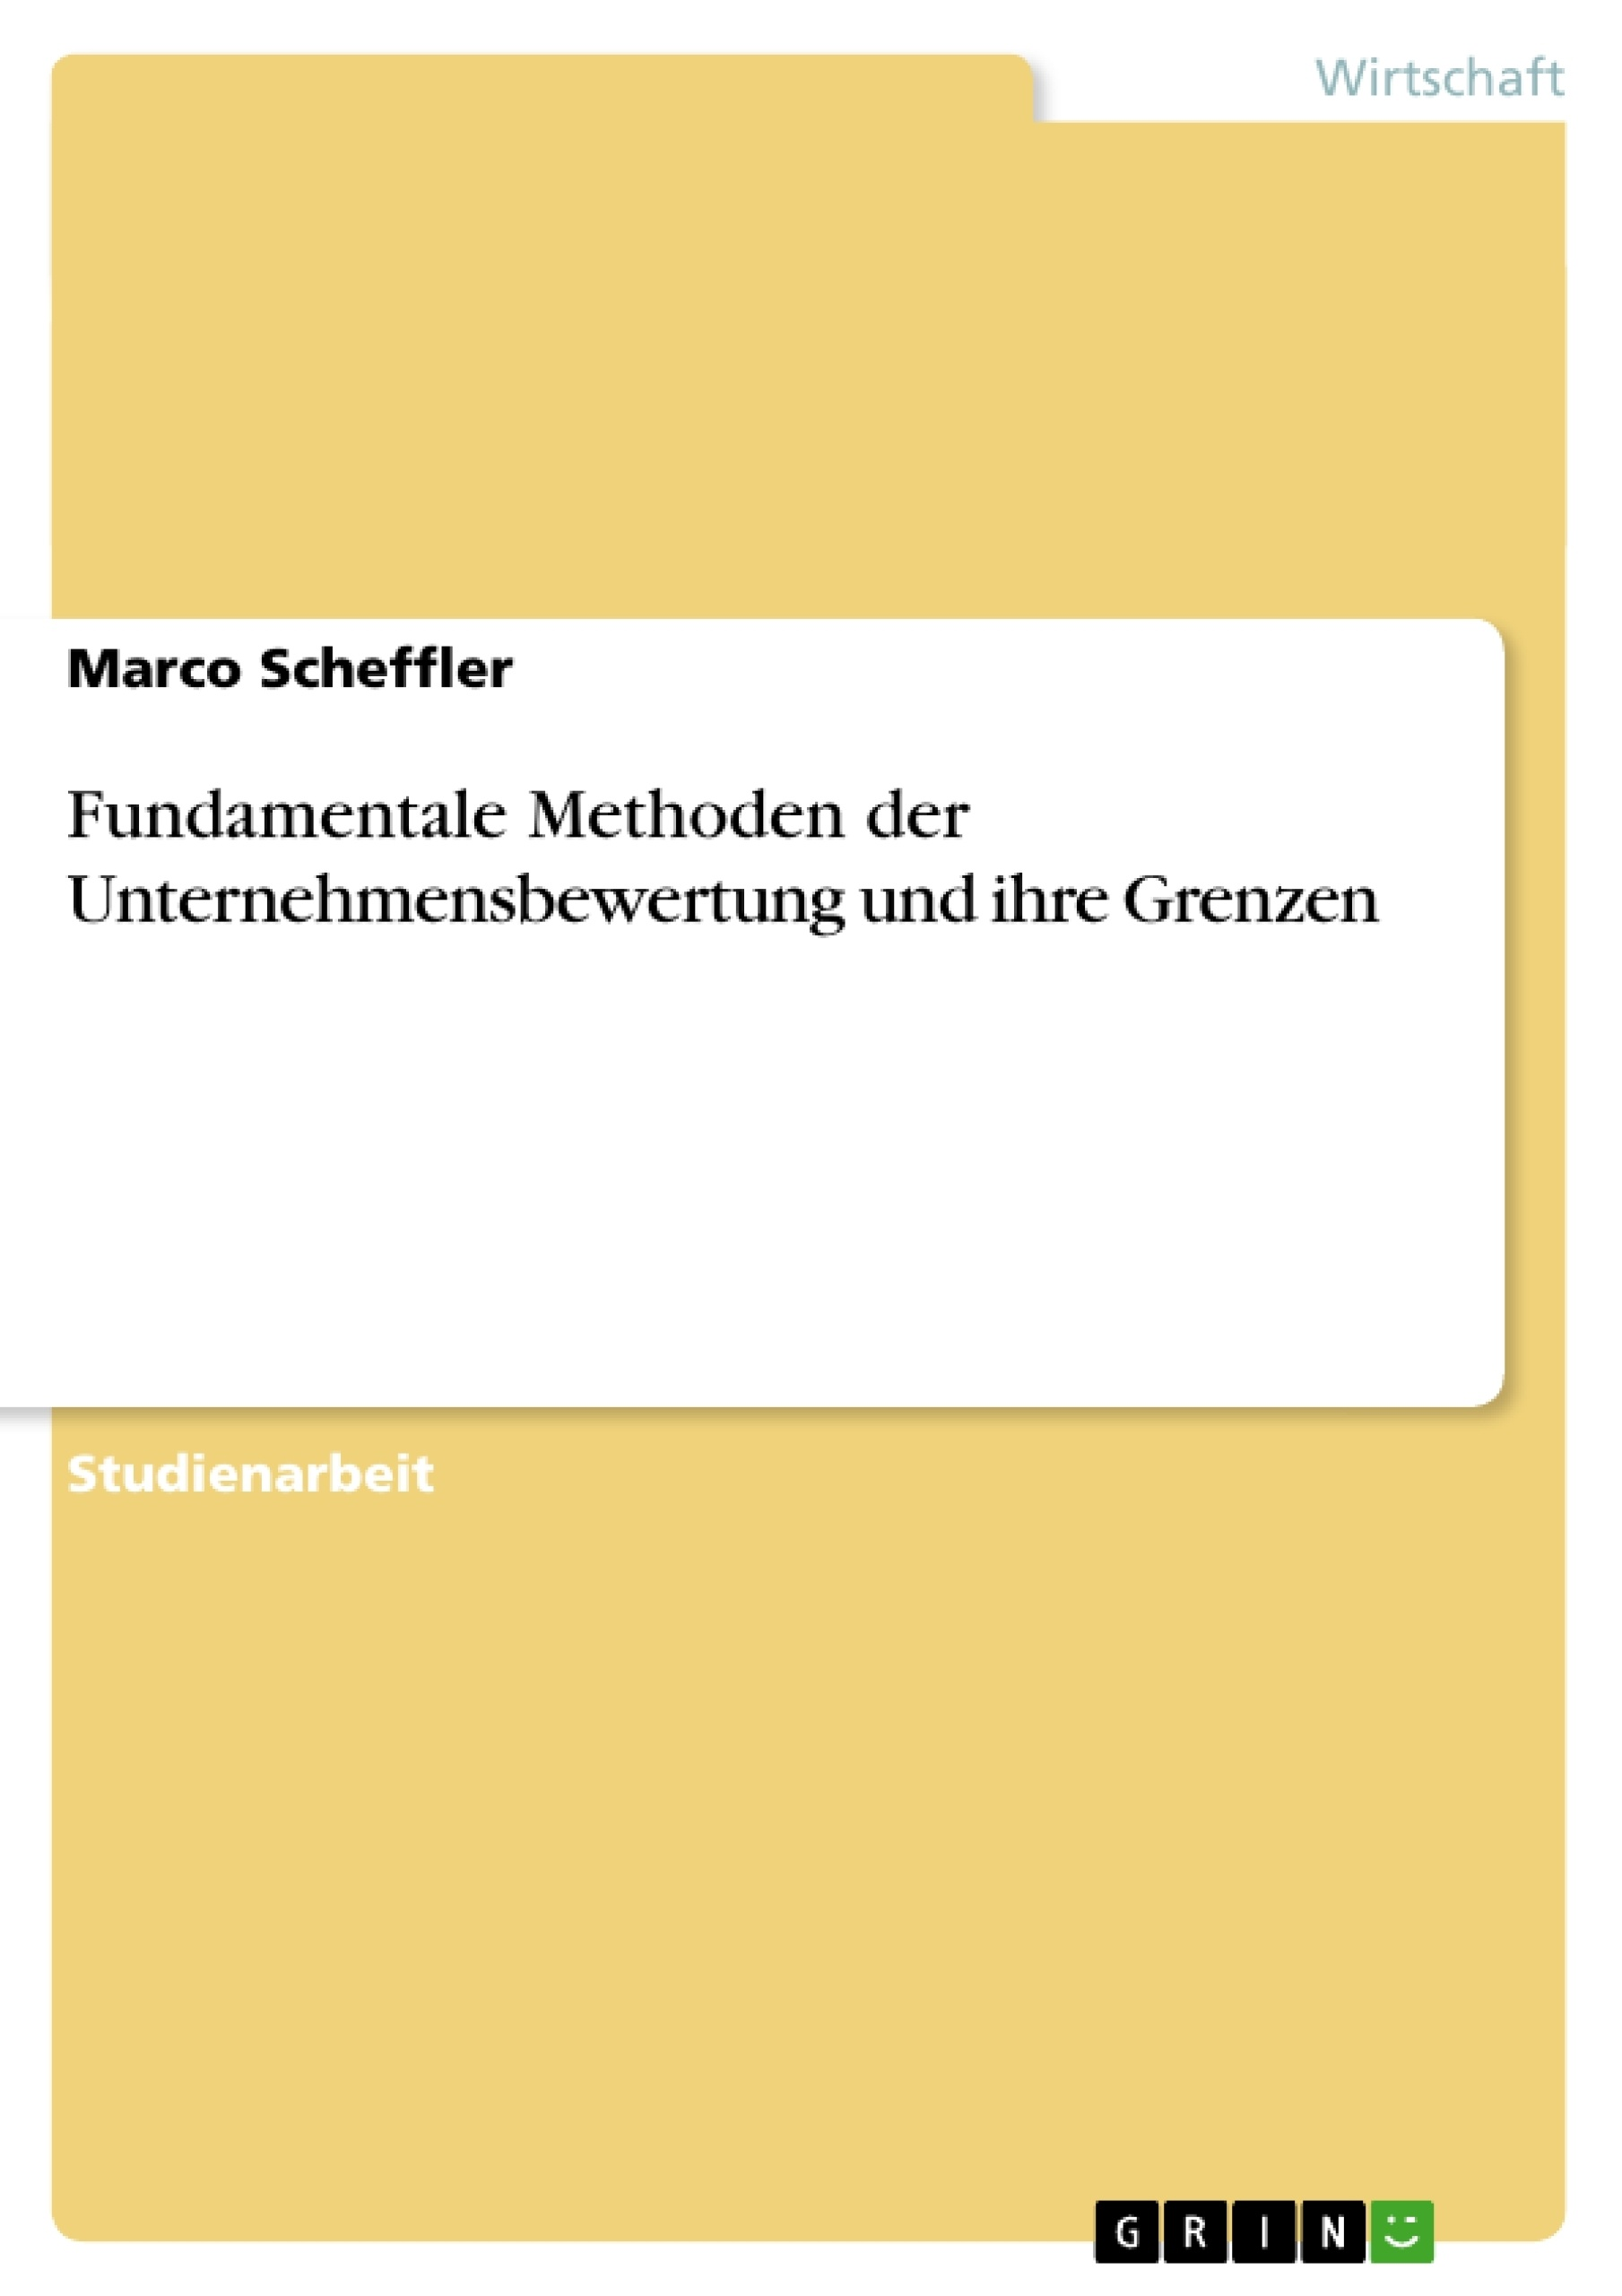 Titel: Fundamentale Methoden der Unternehmensbewertung und ihre Grenzen